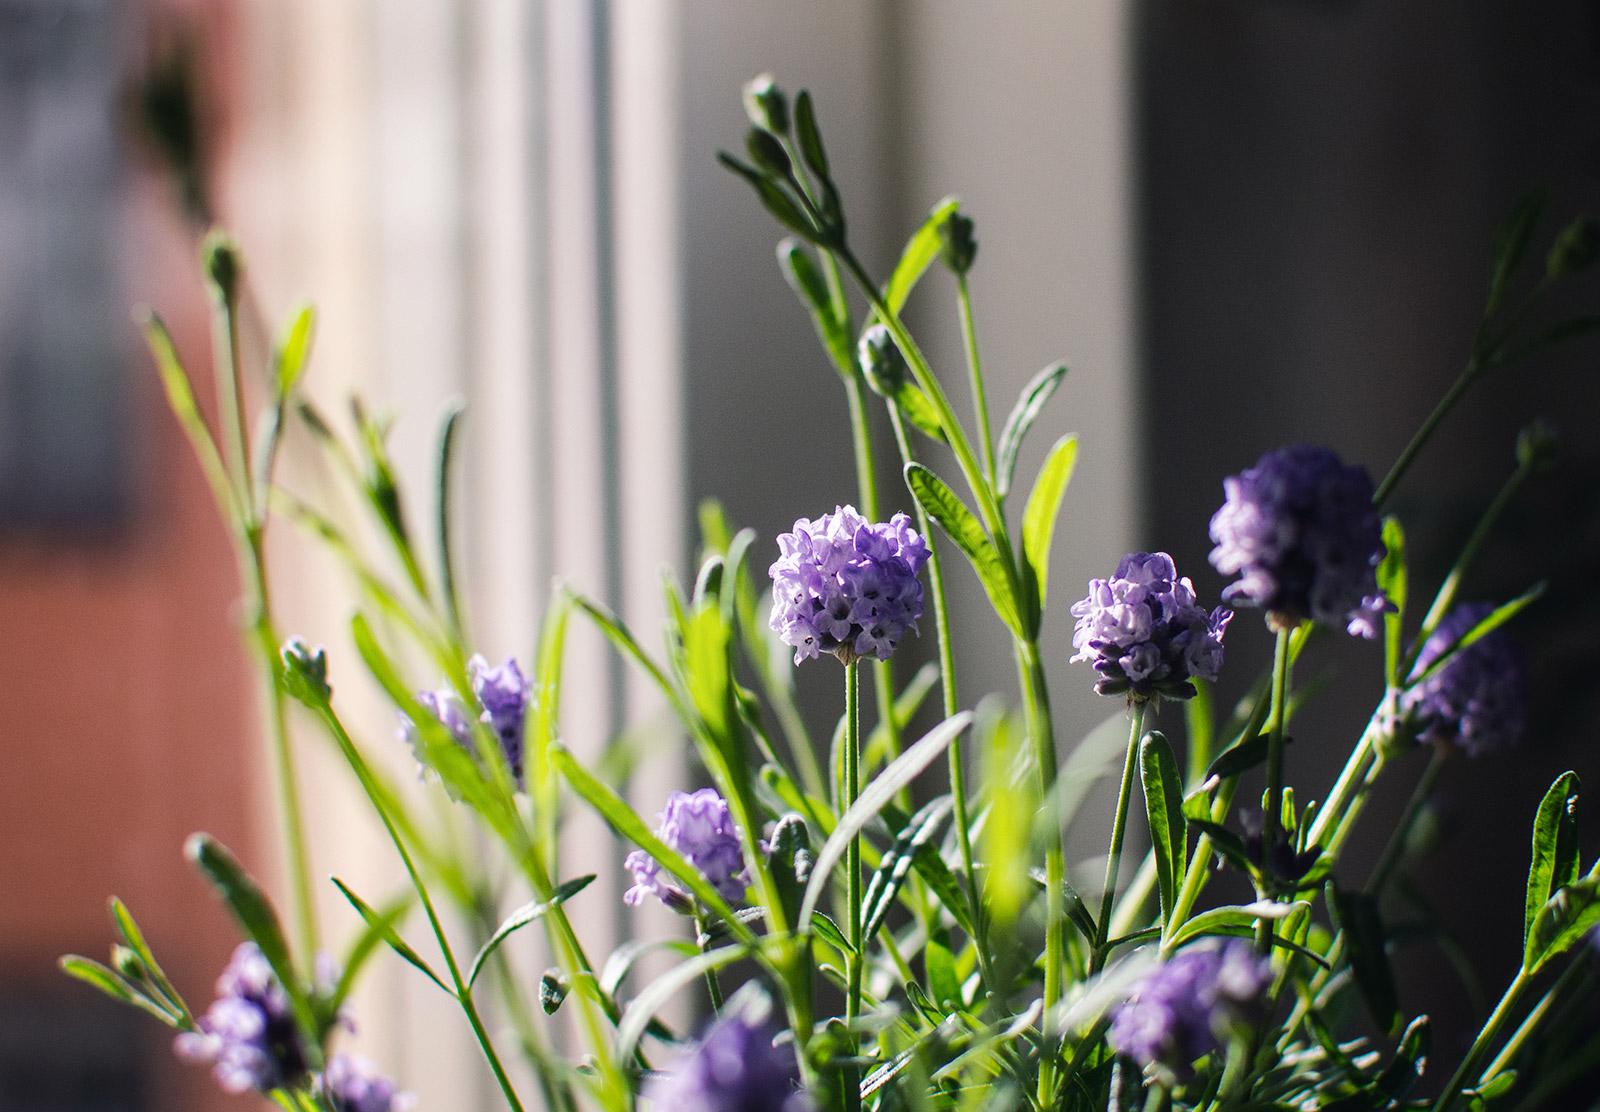 Lavender in the sun